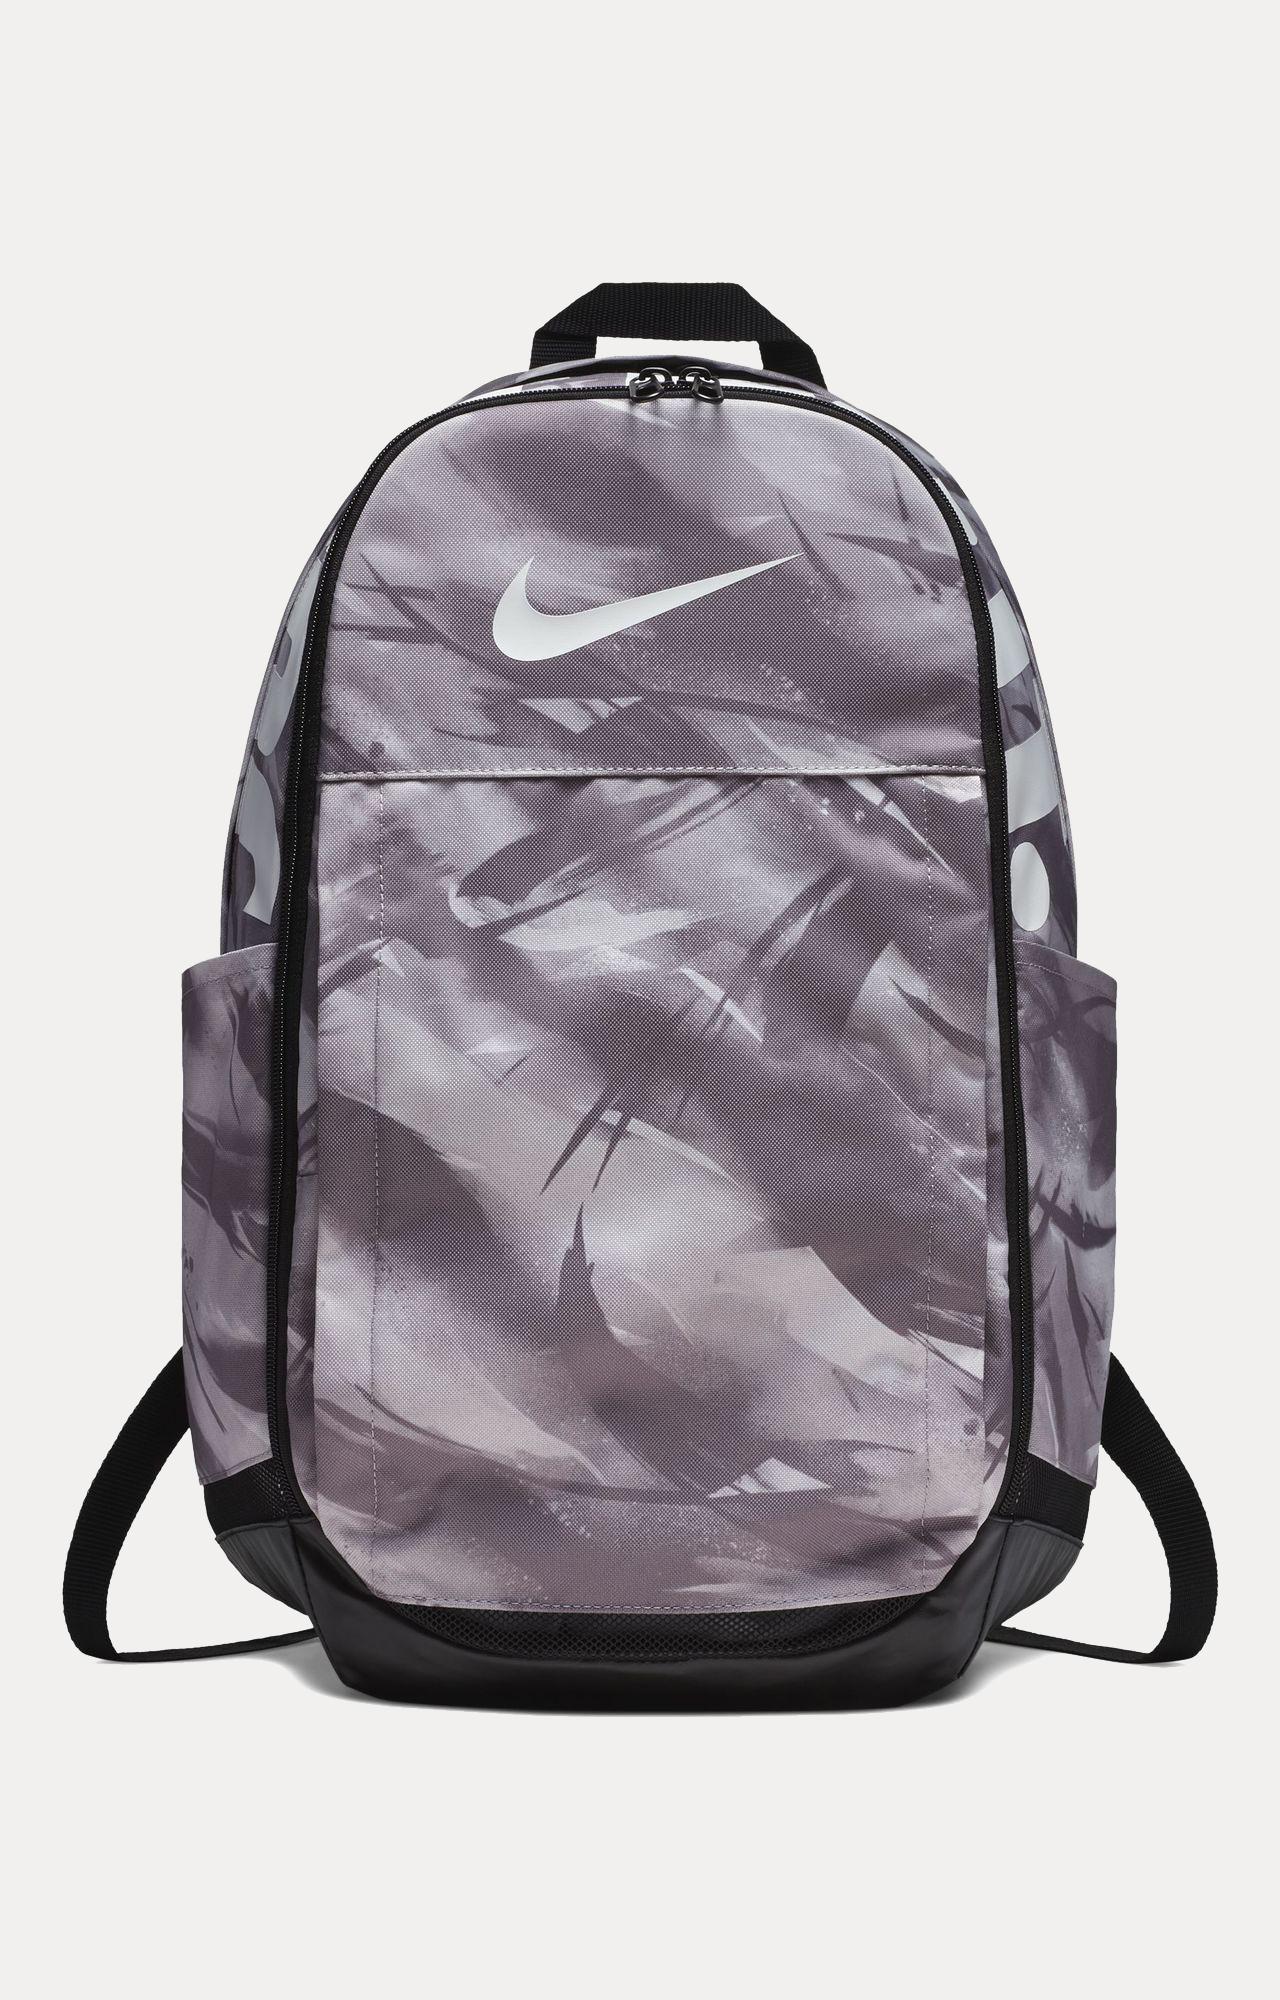 Nike | NIKE NK BRSLA XL BKPK - AOP BCKPK